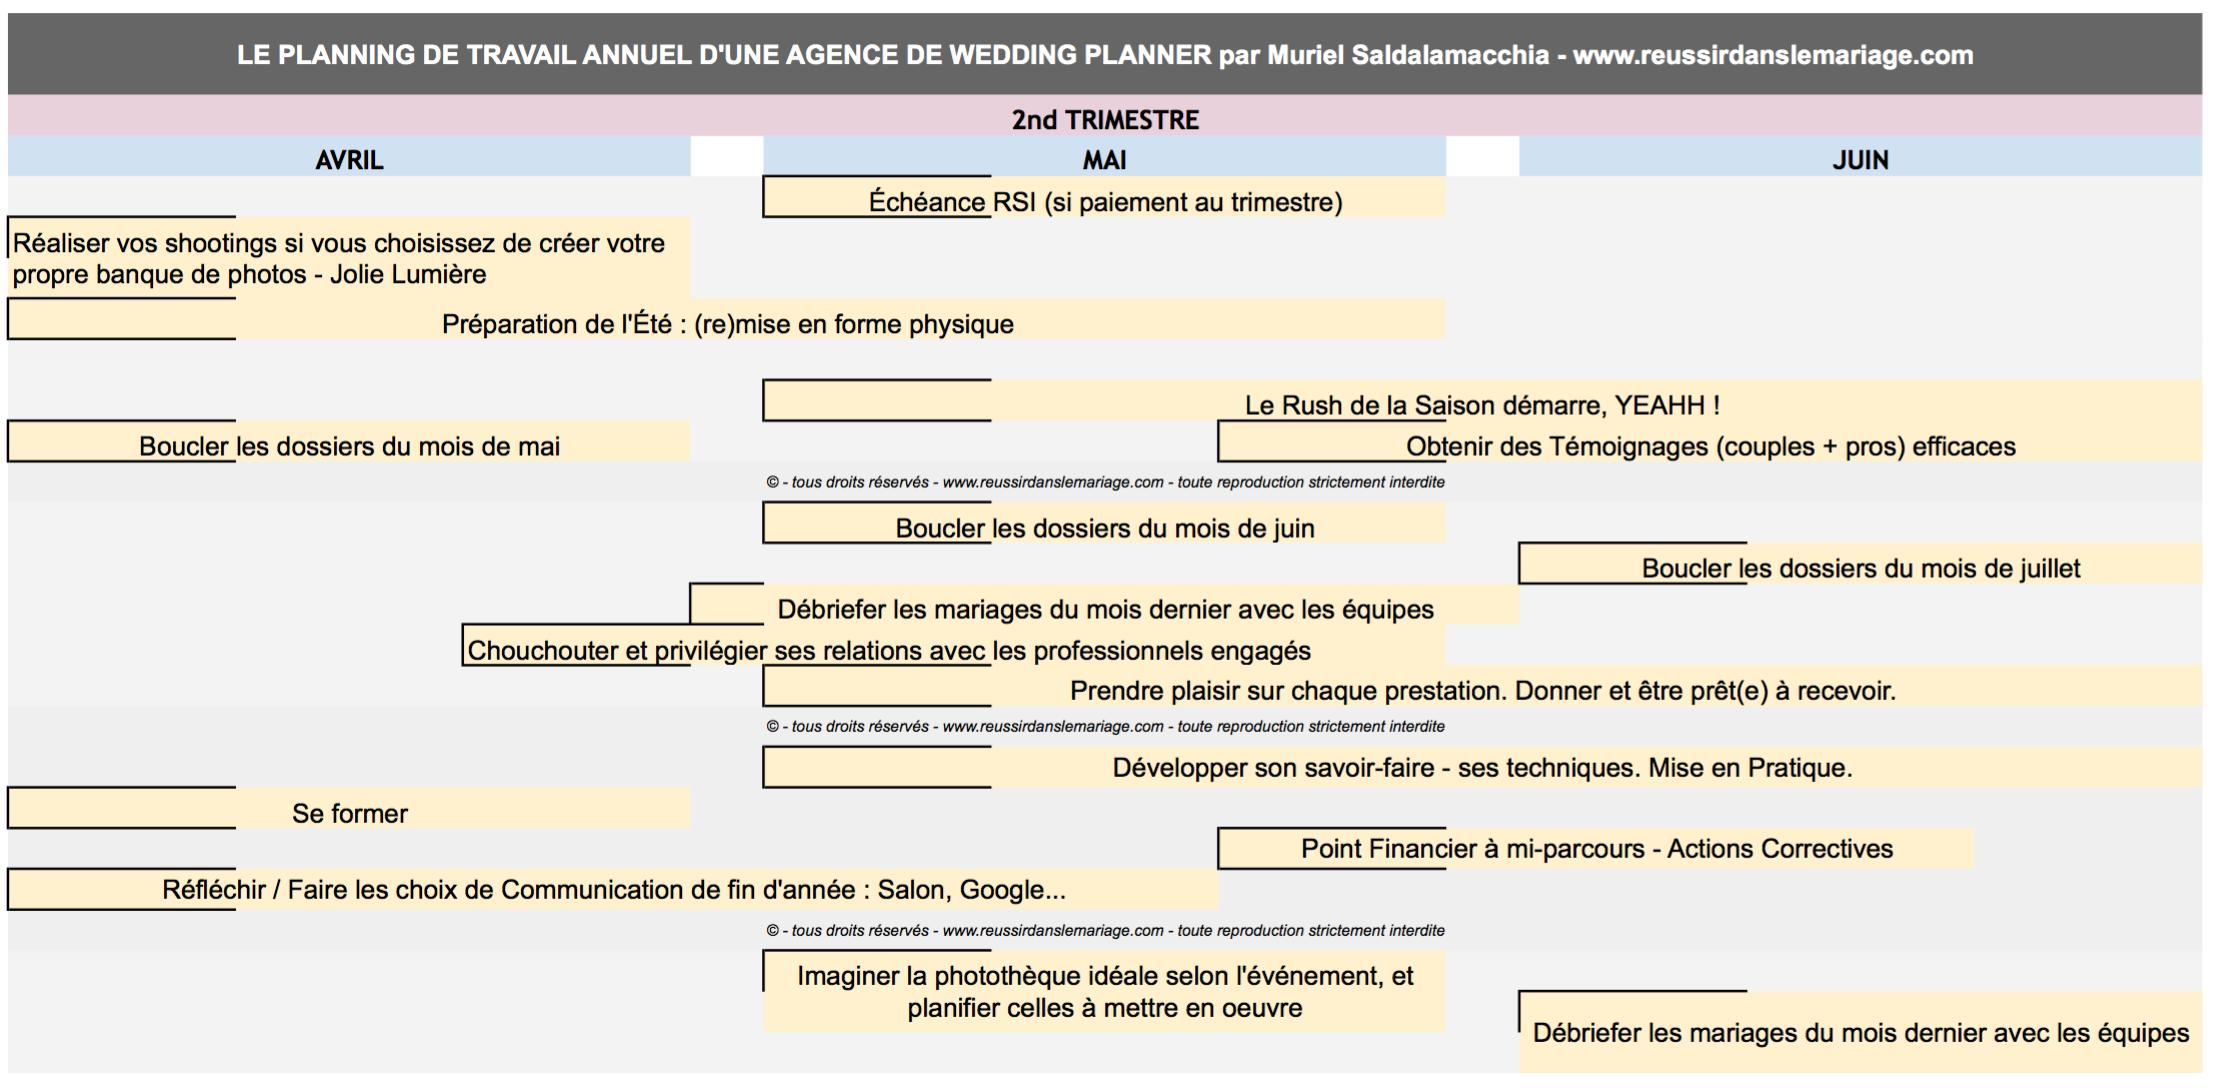 Planning Annuel de Travail d'une Wedding Planner 2ème Trimestre